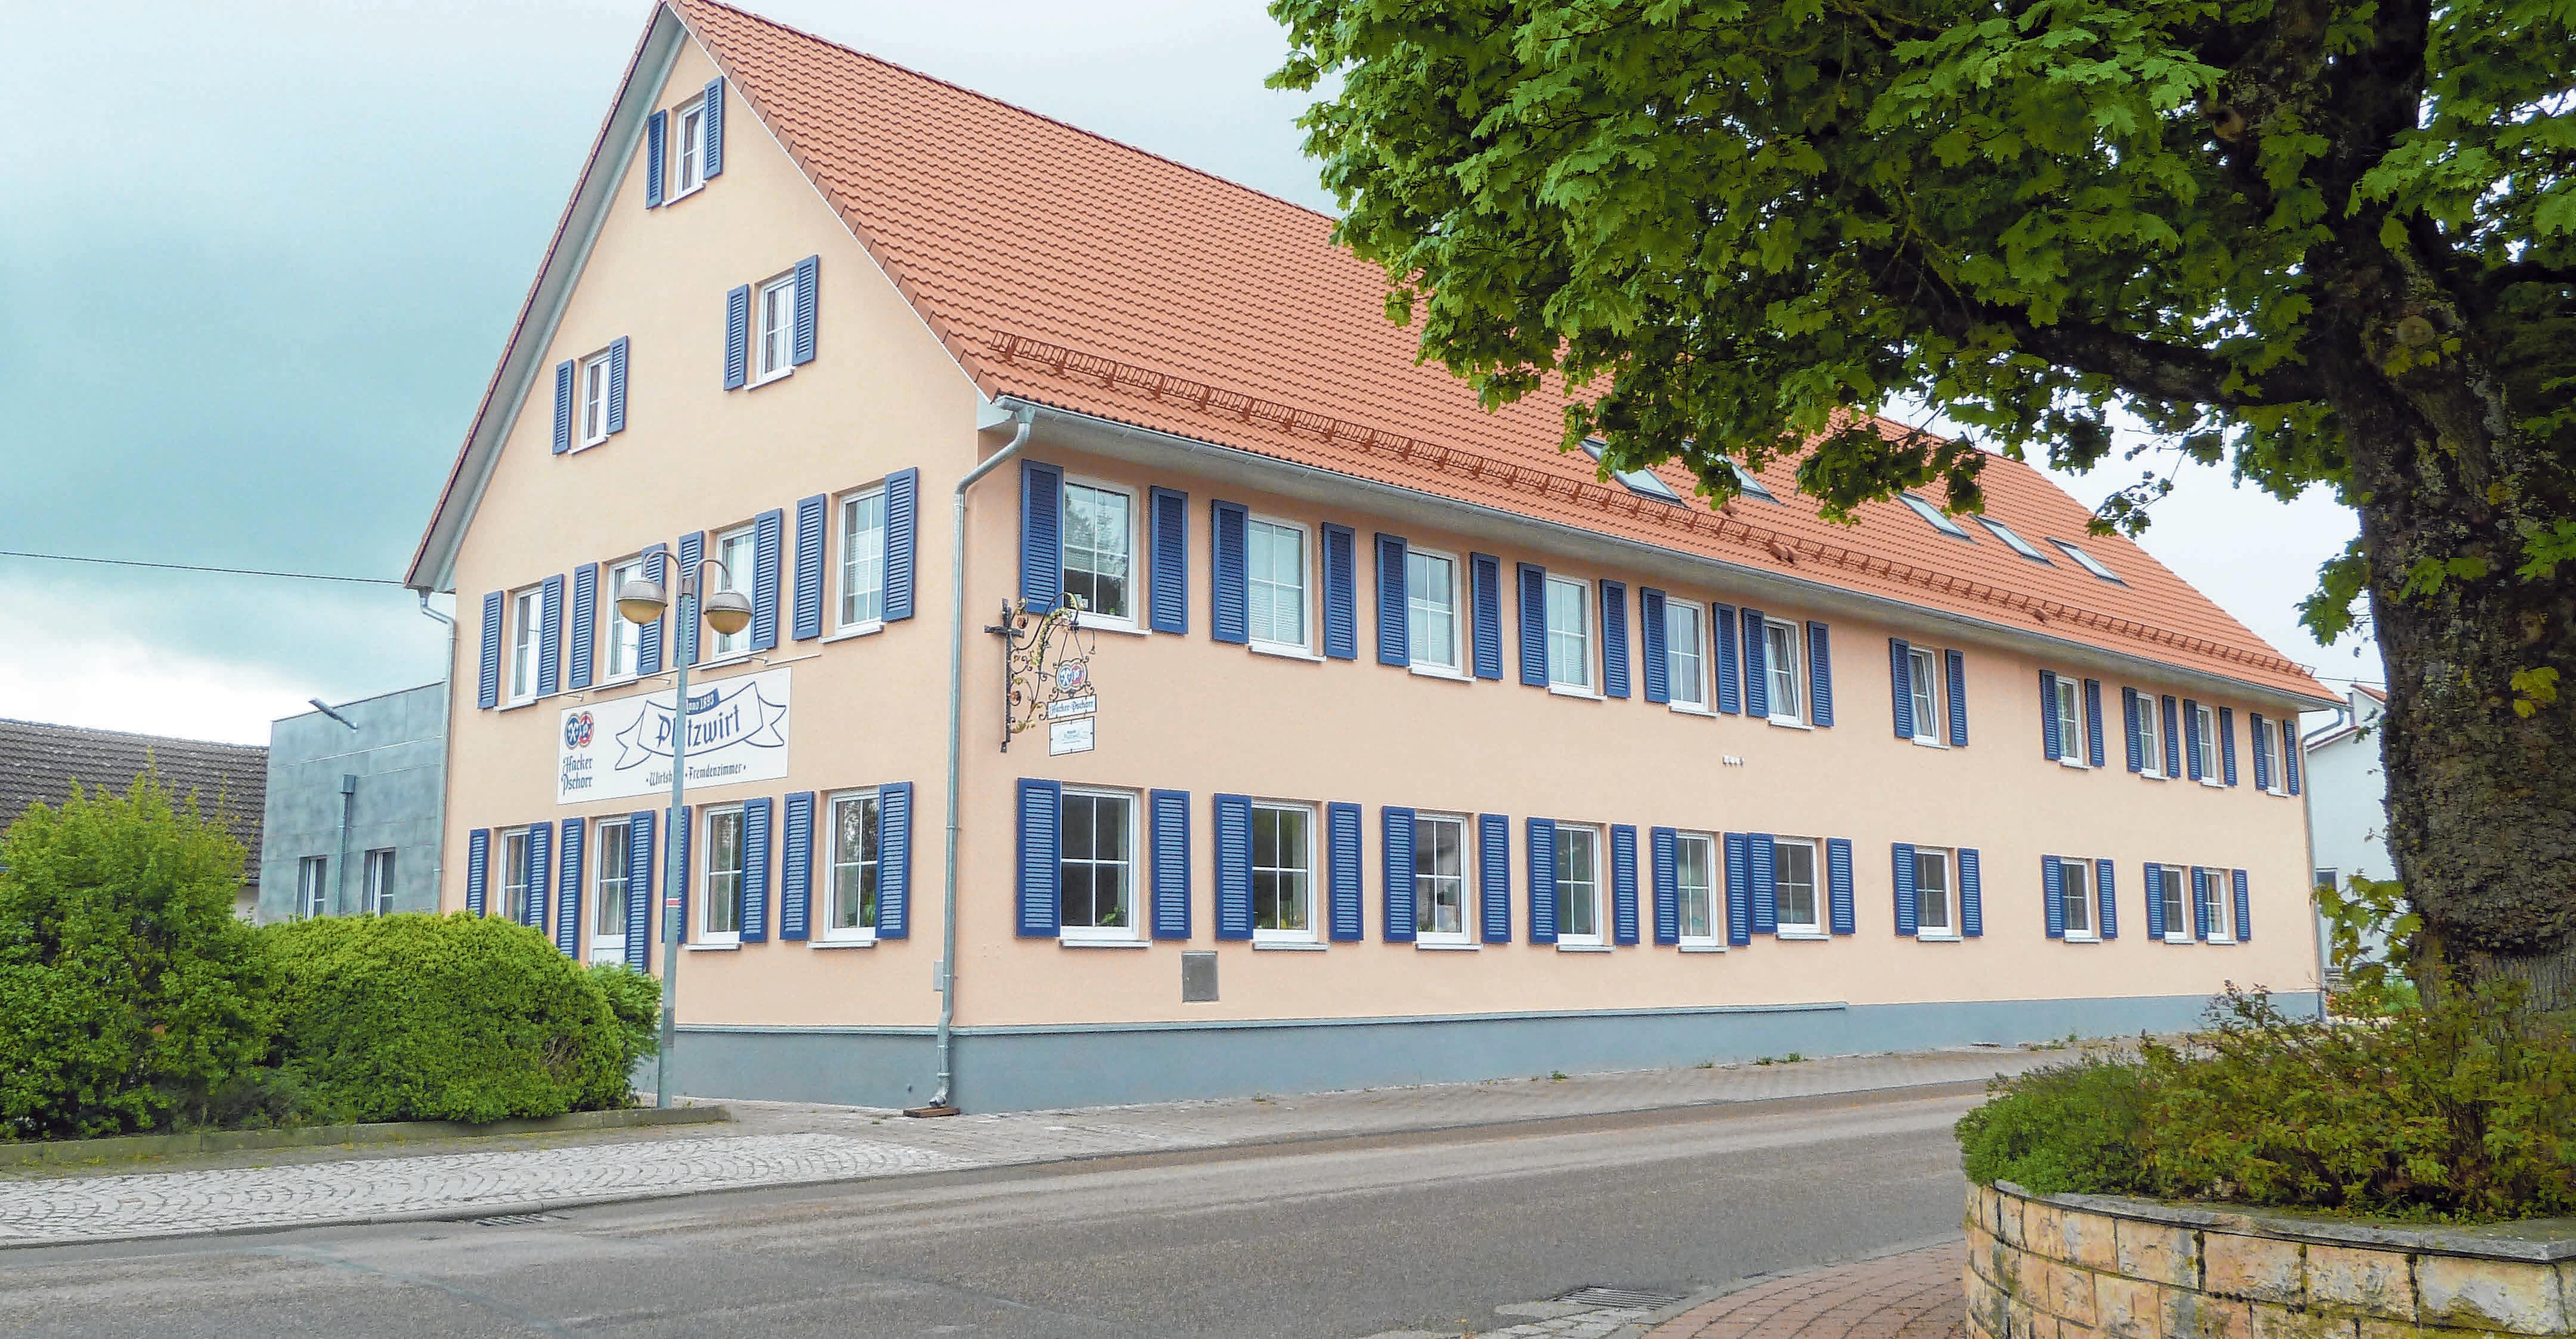 Der Platzwirt in Unterschneidheim bietet dieser Tage einen Abhol- und Lieferservice an.